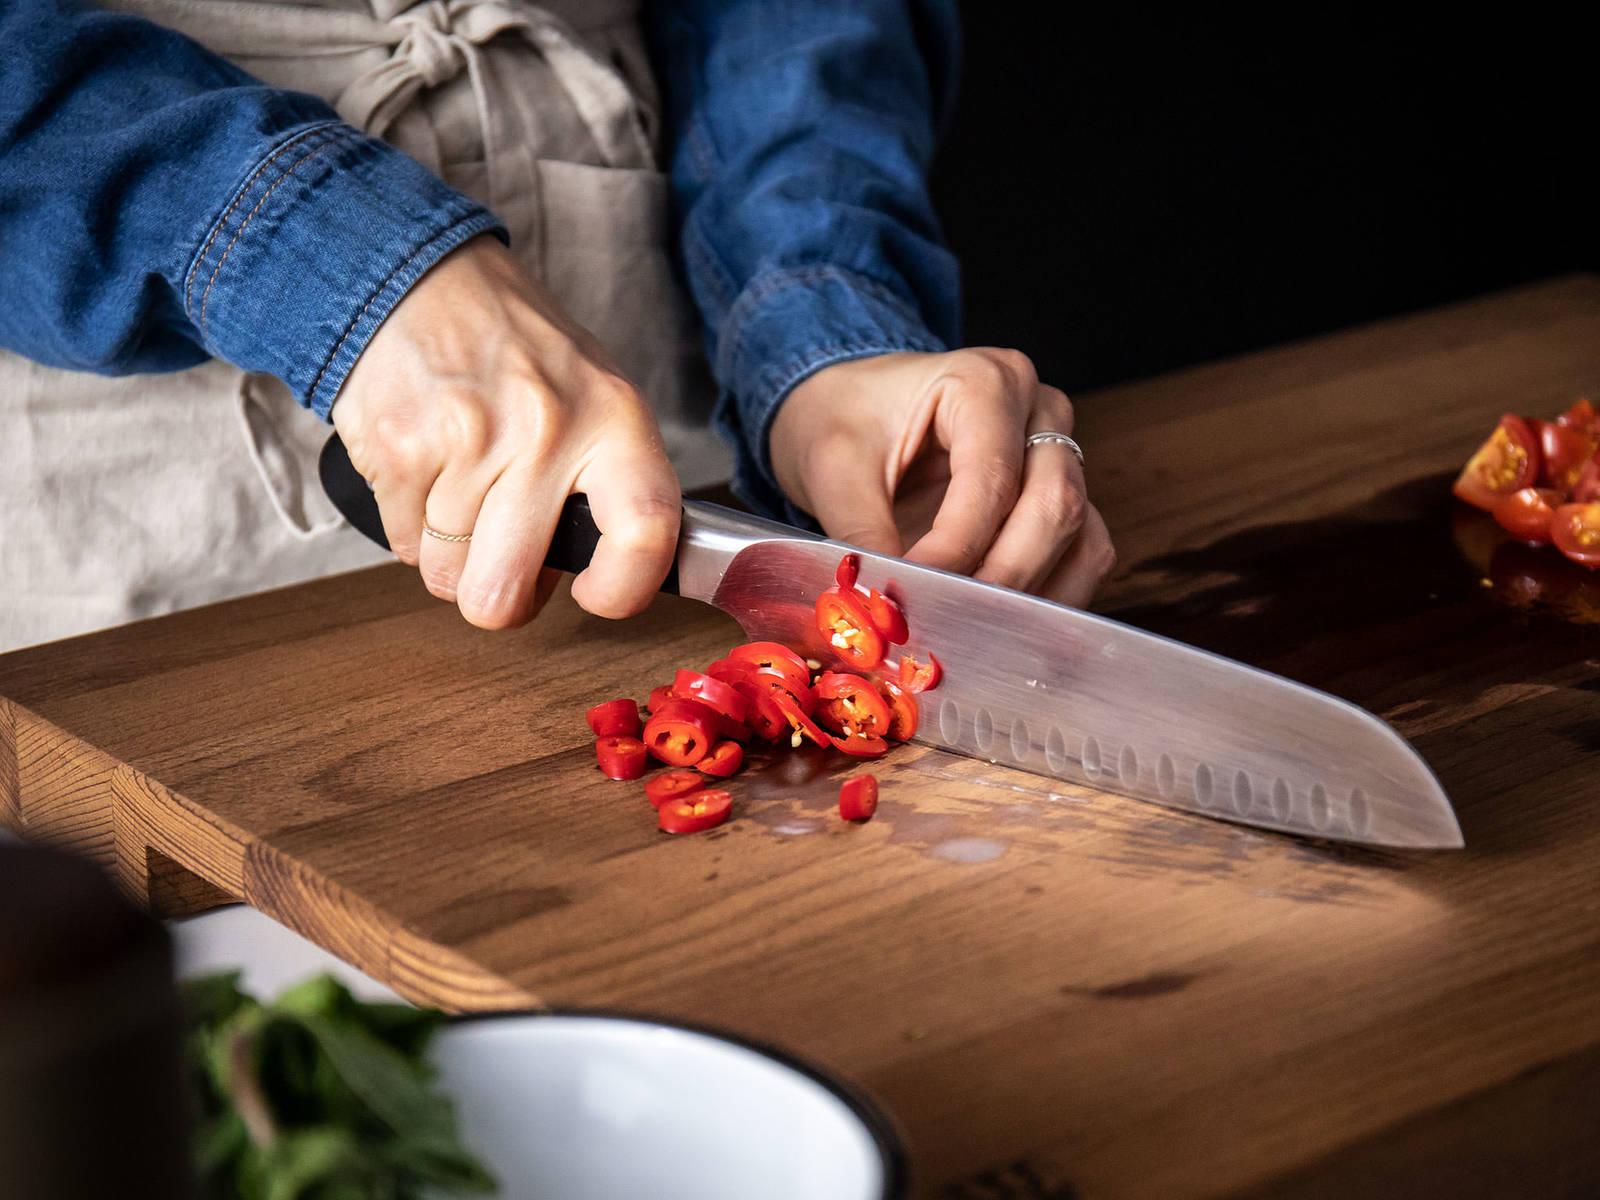 与此同时,樱桃番茄切四瓣,尖椒切细圈。摘下薄荷叶。一半放置一旁,用于装盘,另一半大略剁碎。当小茴香变透明时,放入樱桃番茄、尖椒、薄荷碎。在煮意面的同时,低火煸炒。